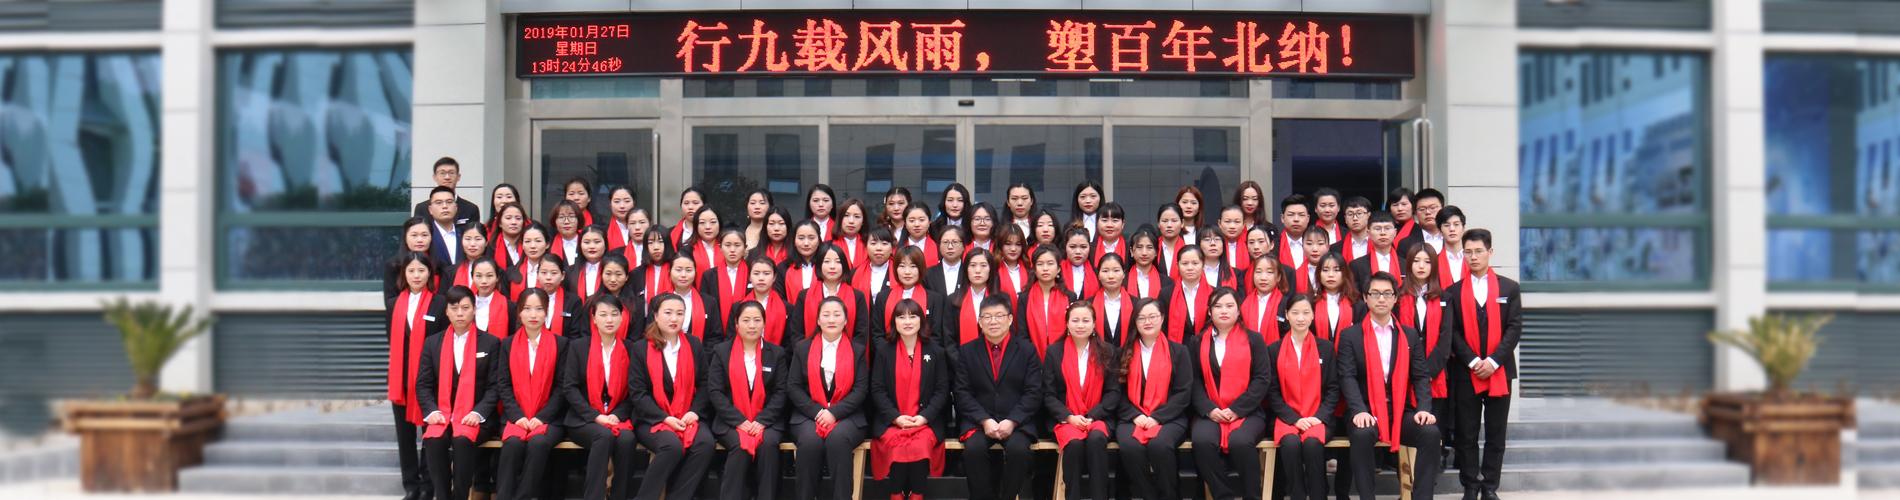 关于我们-www.bncc.org.cn北纳伊人影院蕉久影院在线